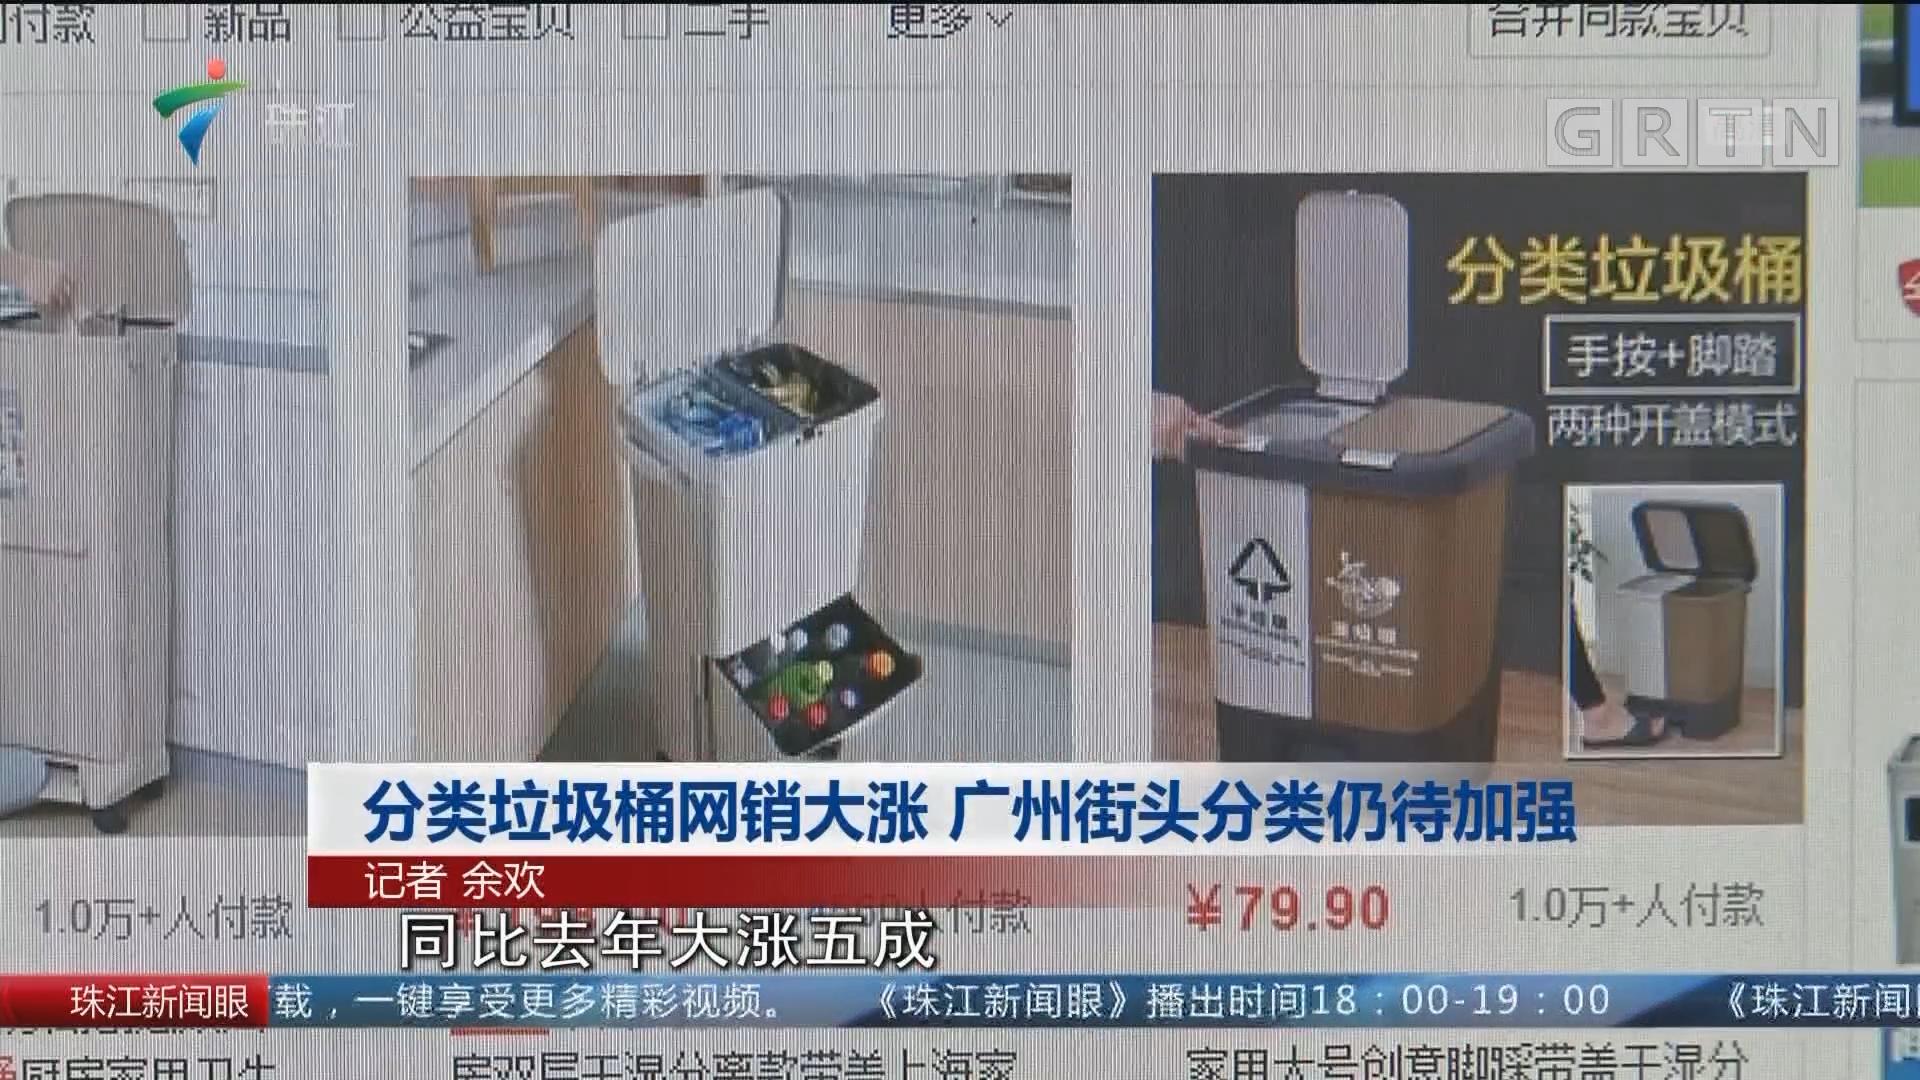 分類垃圾桶網銷大漲 廣州街頭分類仍待加強